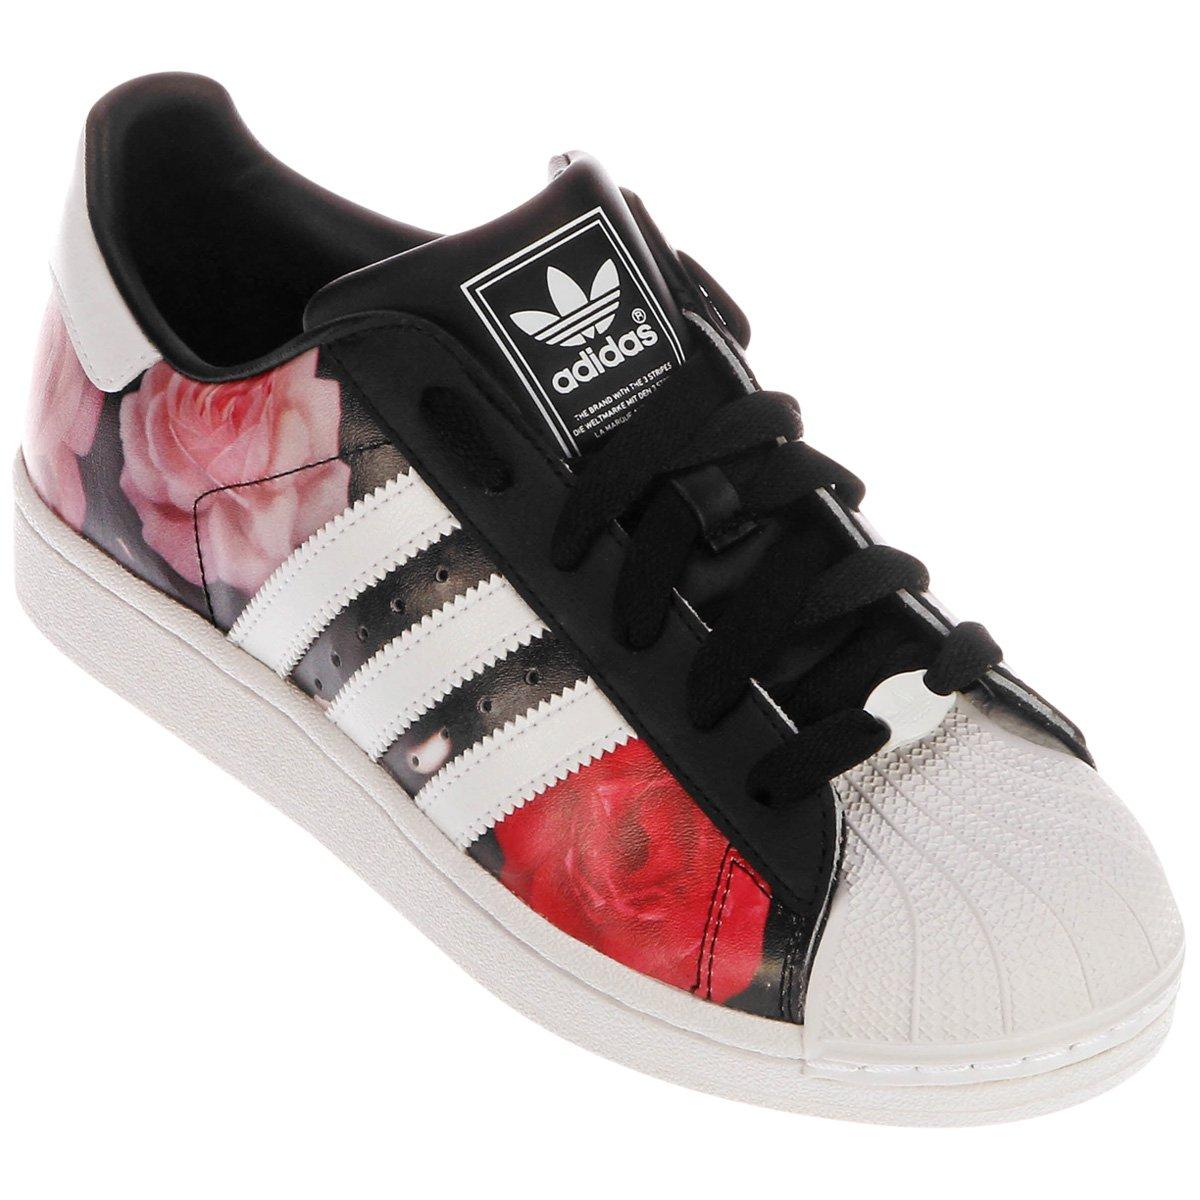 e861cf0d18a Tênis Adidas Star 2 - Compre Agora